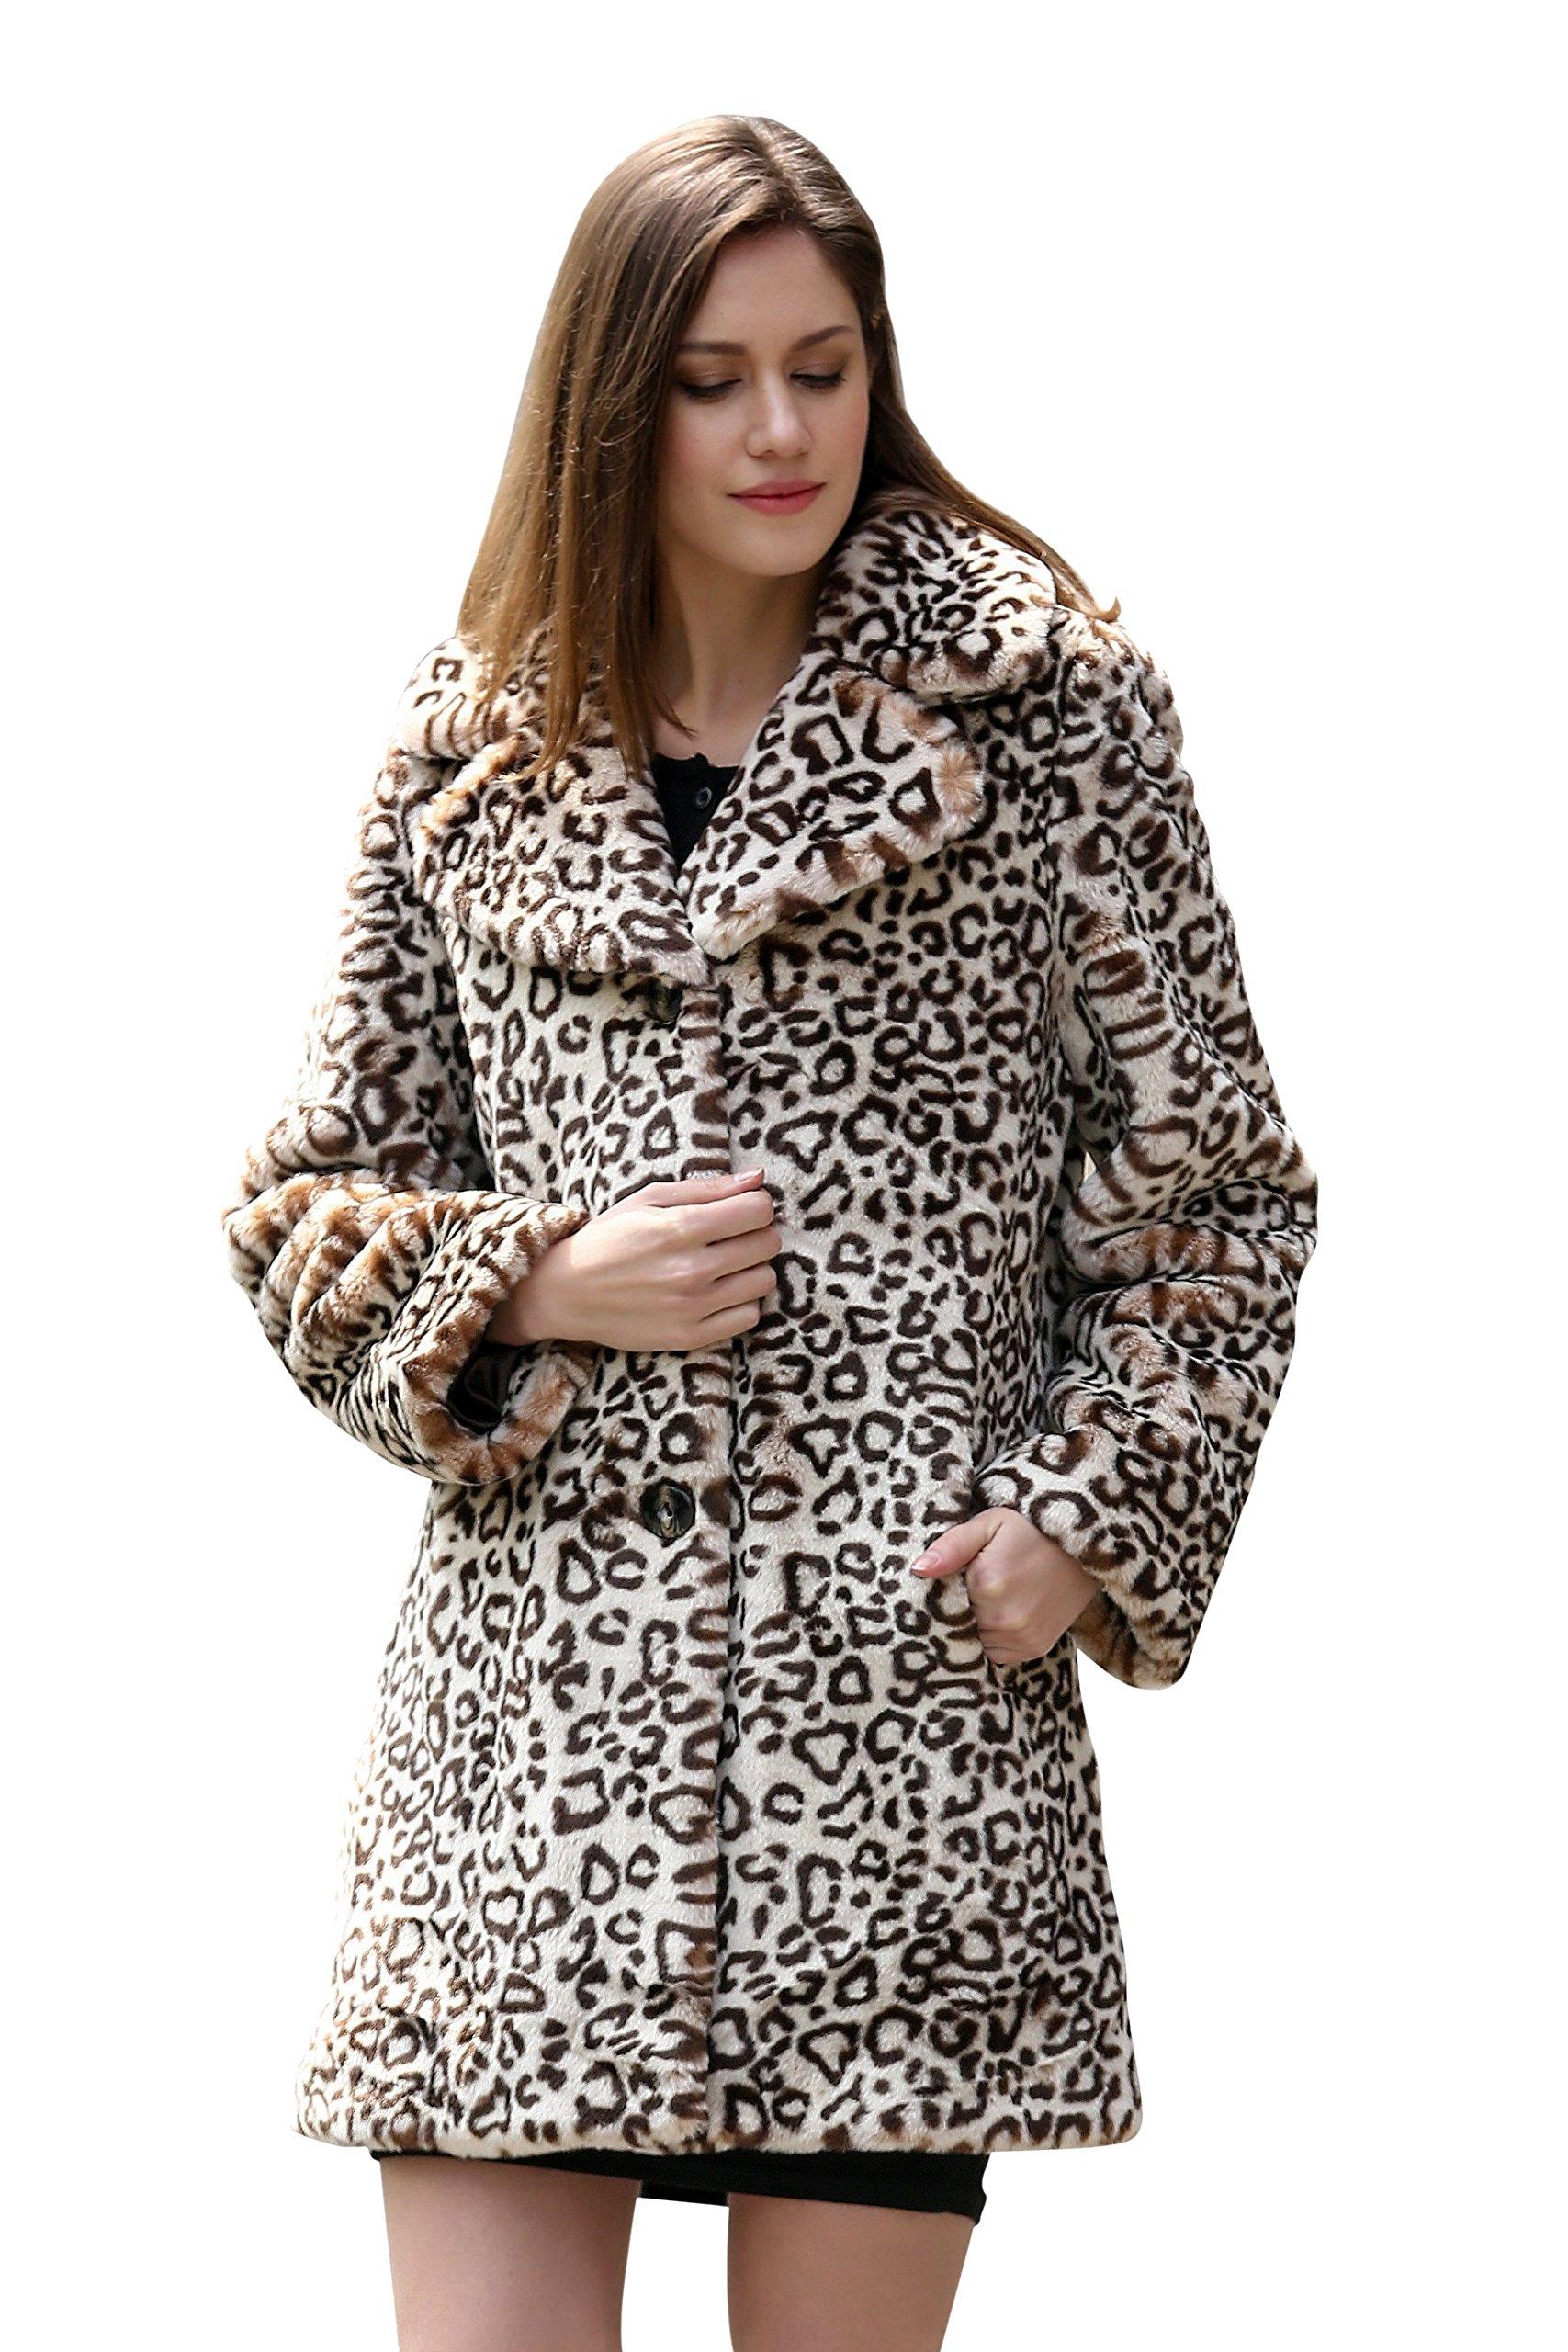 Adelaqueen Women's Elegant Vintage Leopard Print Lapel Faux Fur Coat Mid-Length Size L